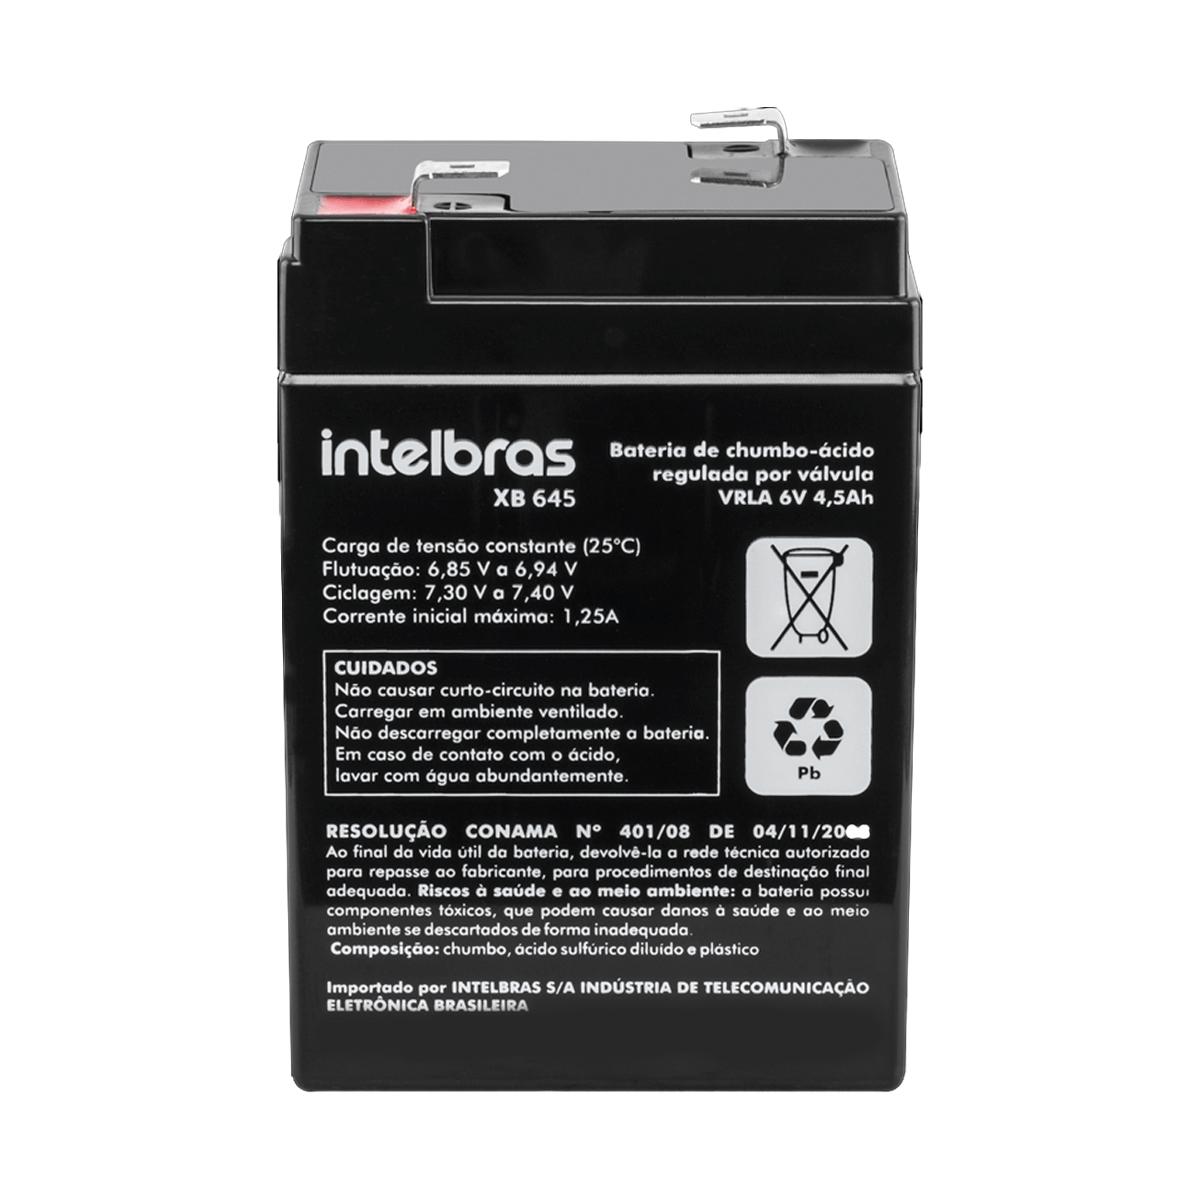 Bateria de Chumbo-Ácido Intelbras 6V XB 645